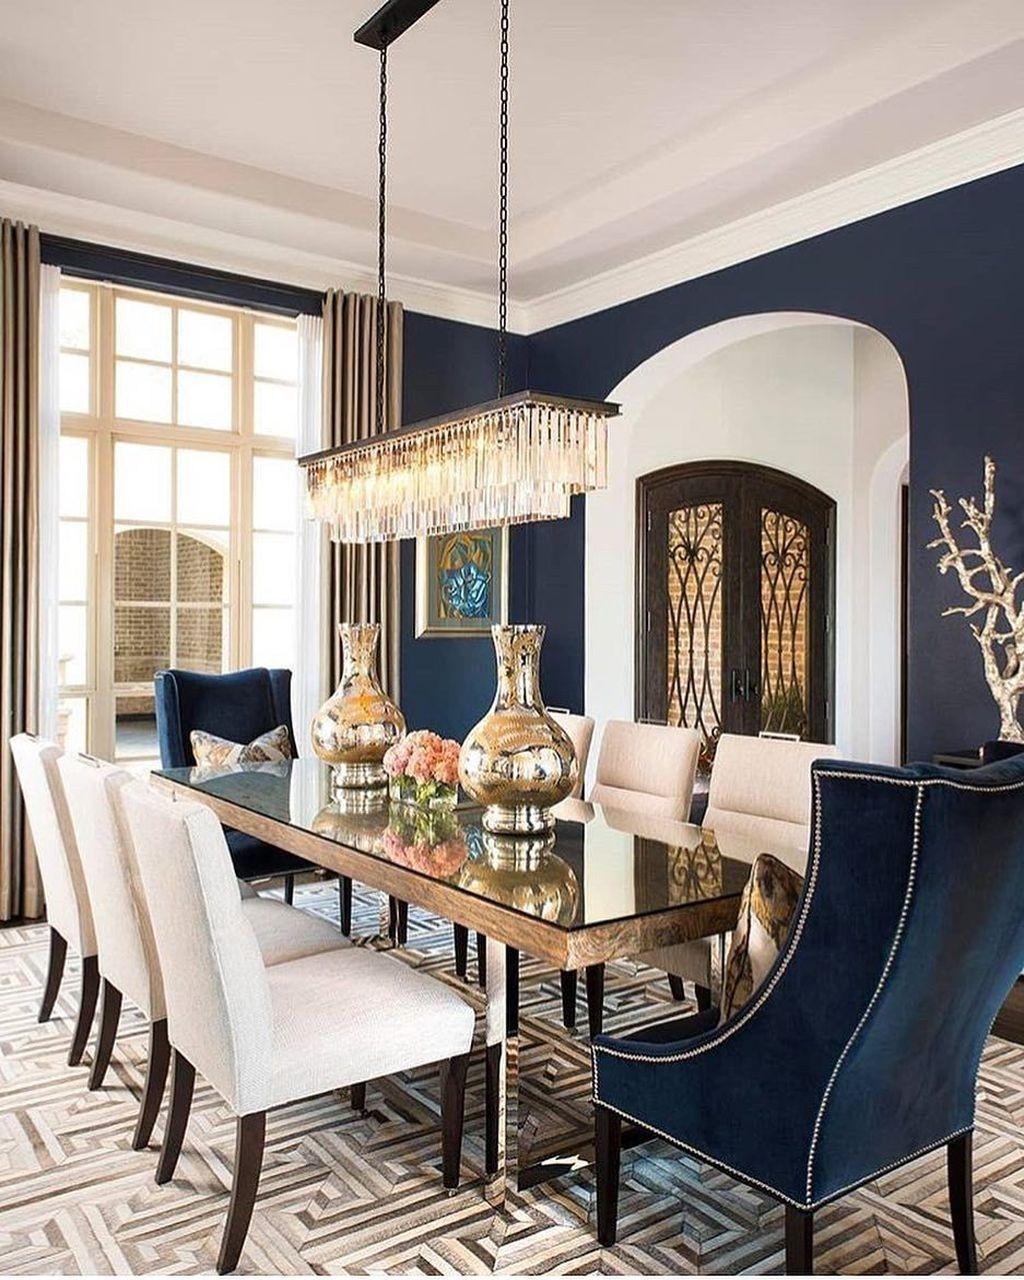 Elegant Dining Room, Formal Dining Room Ideas 2020